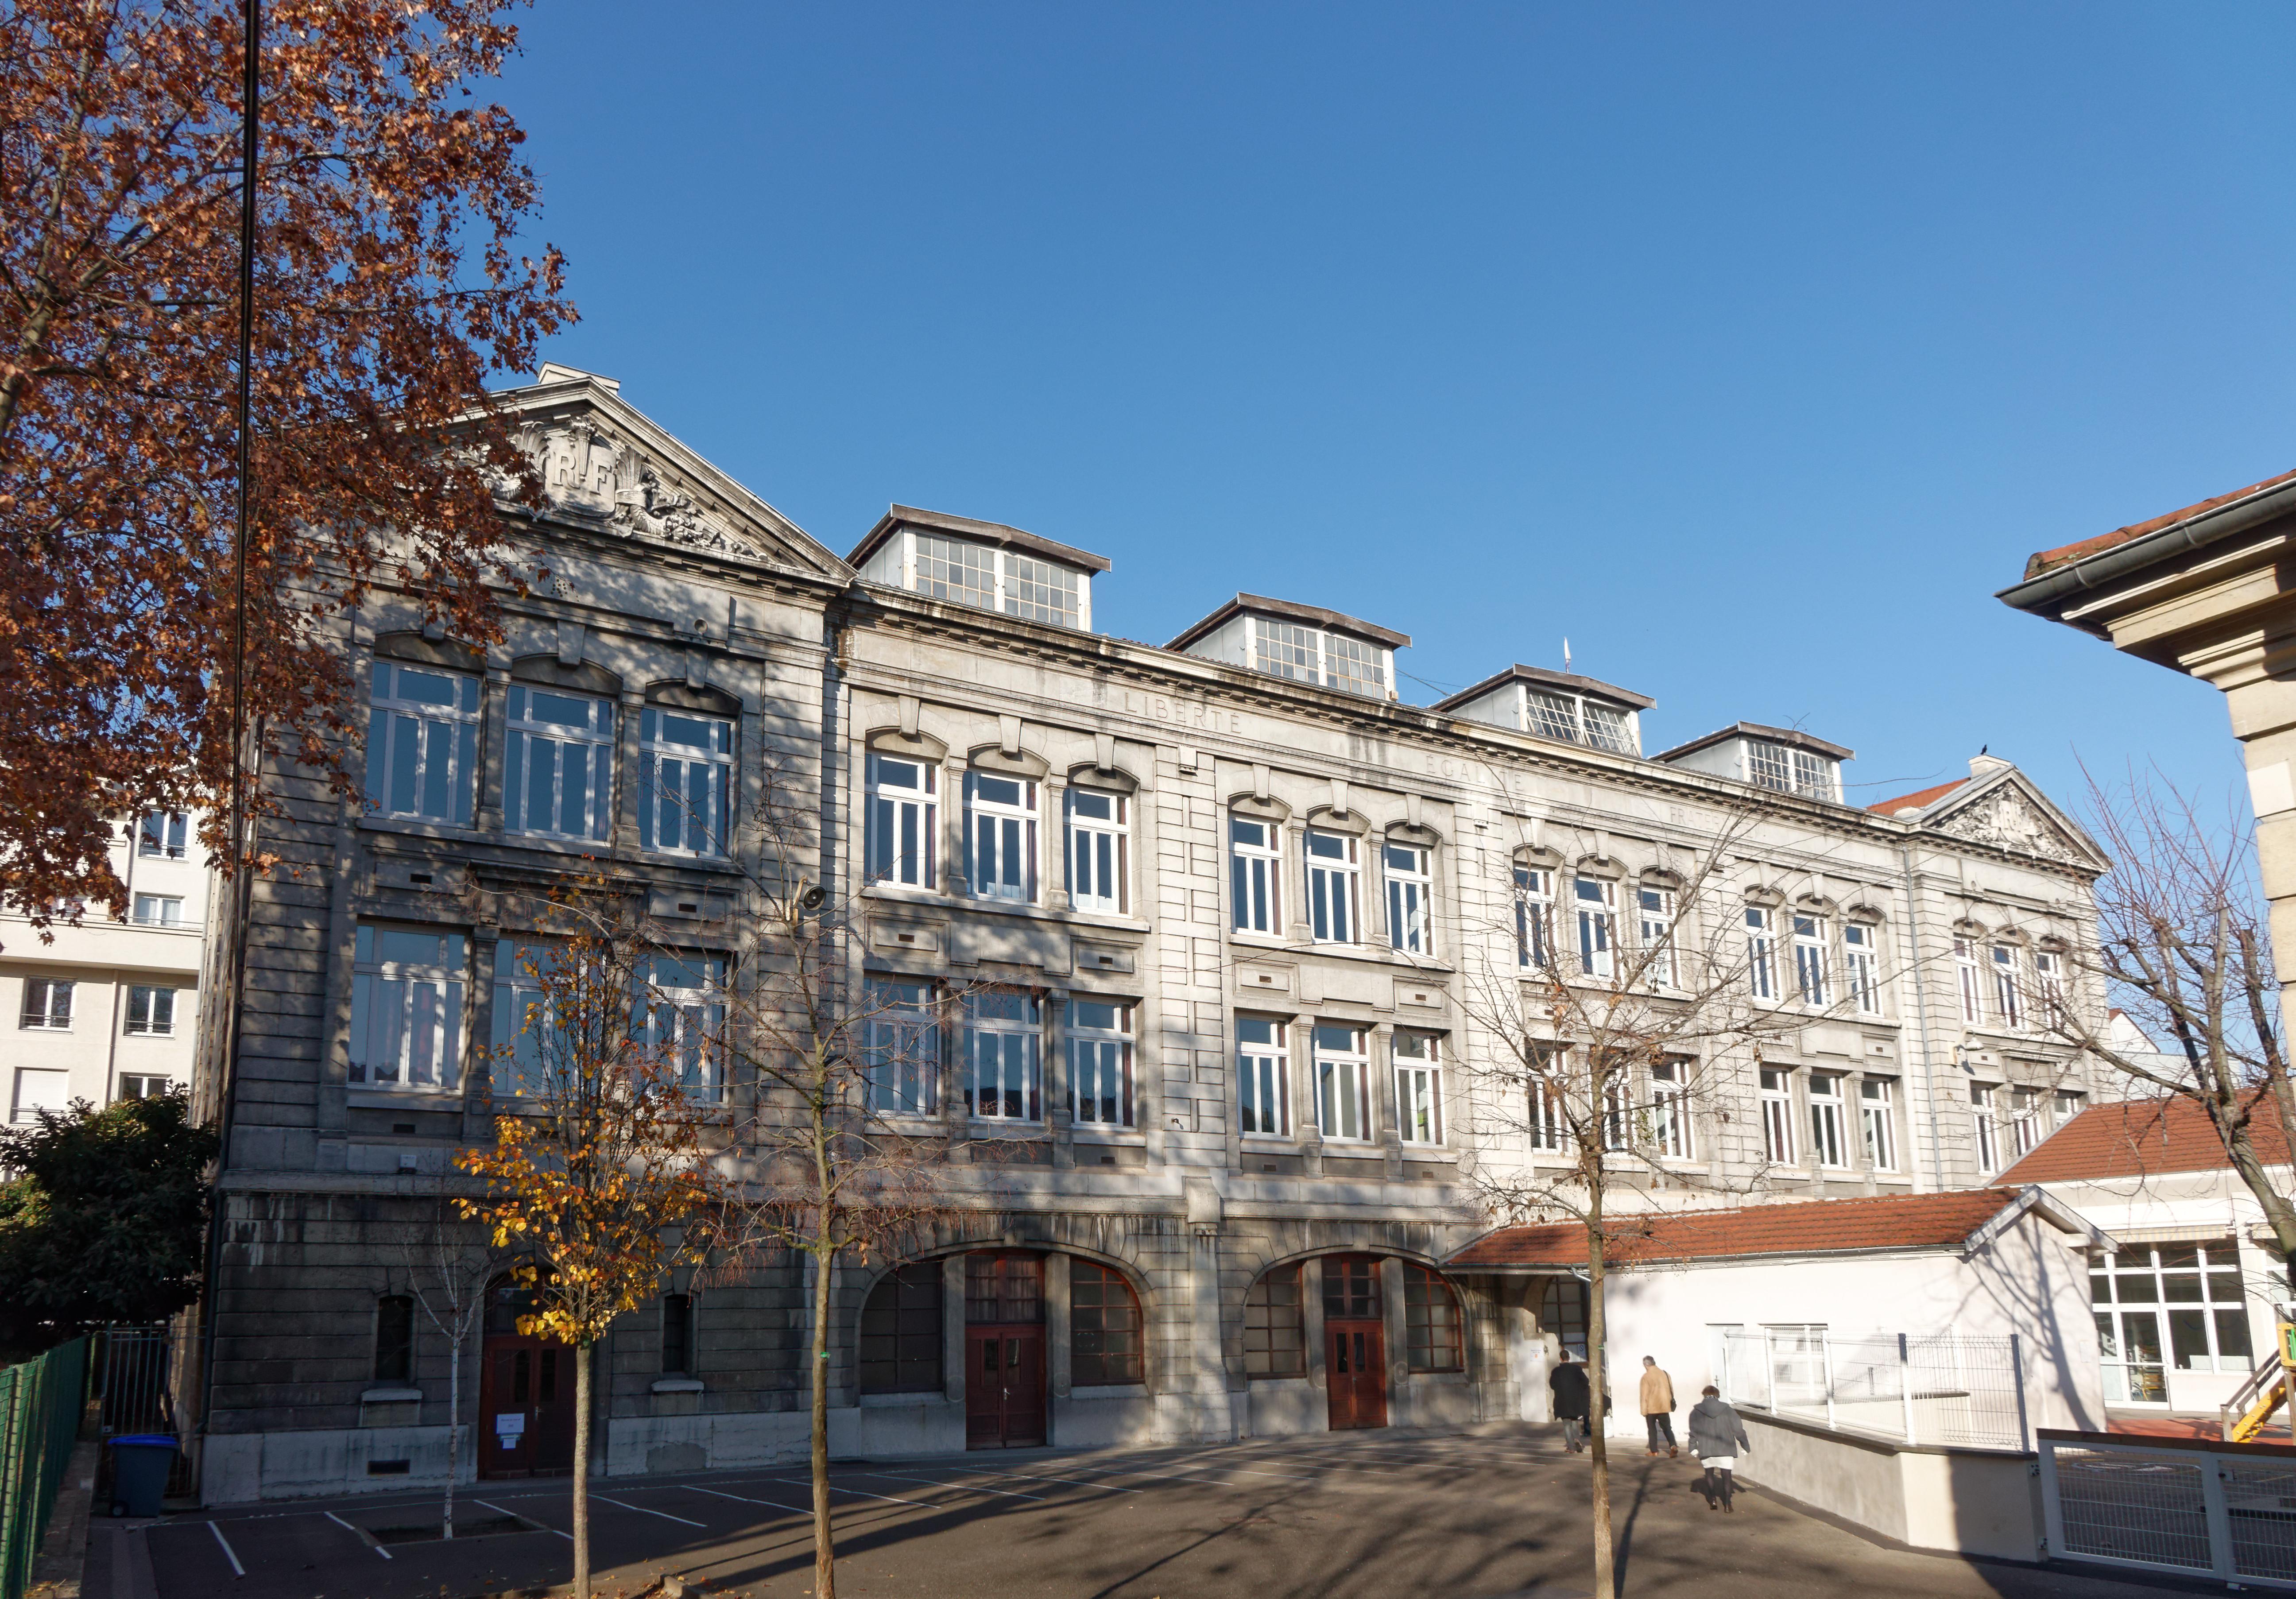 Ecole Paysagiste Lyon en ce qui concerne photographes en rhône-alpes::l'ecole meynis